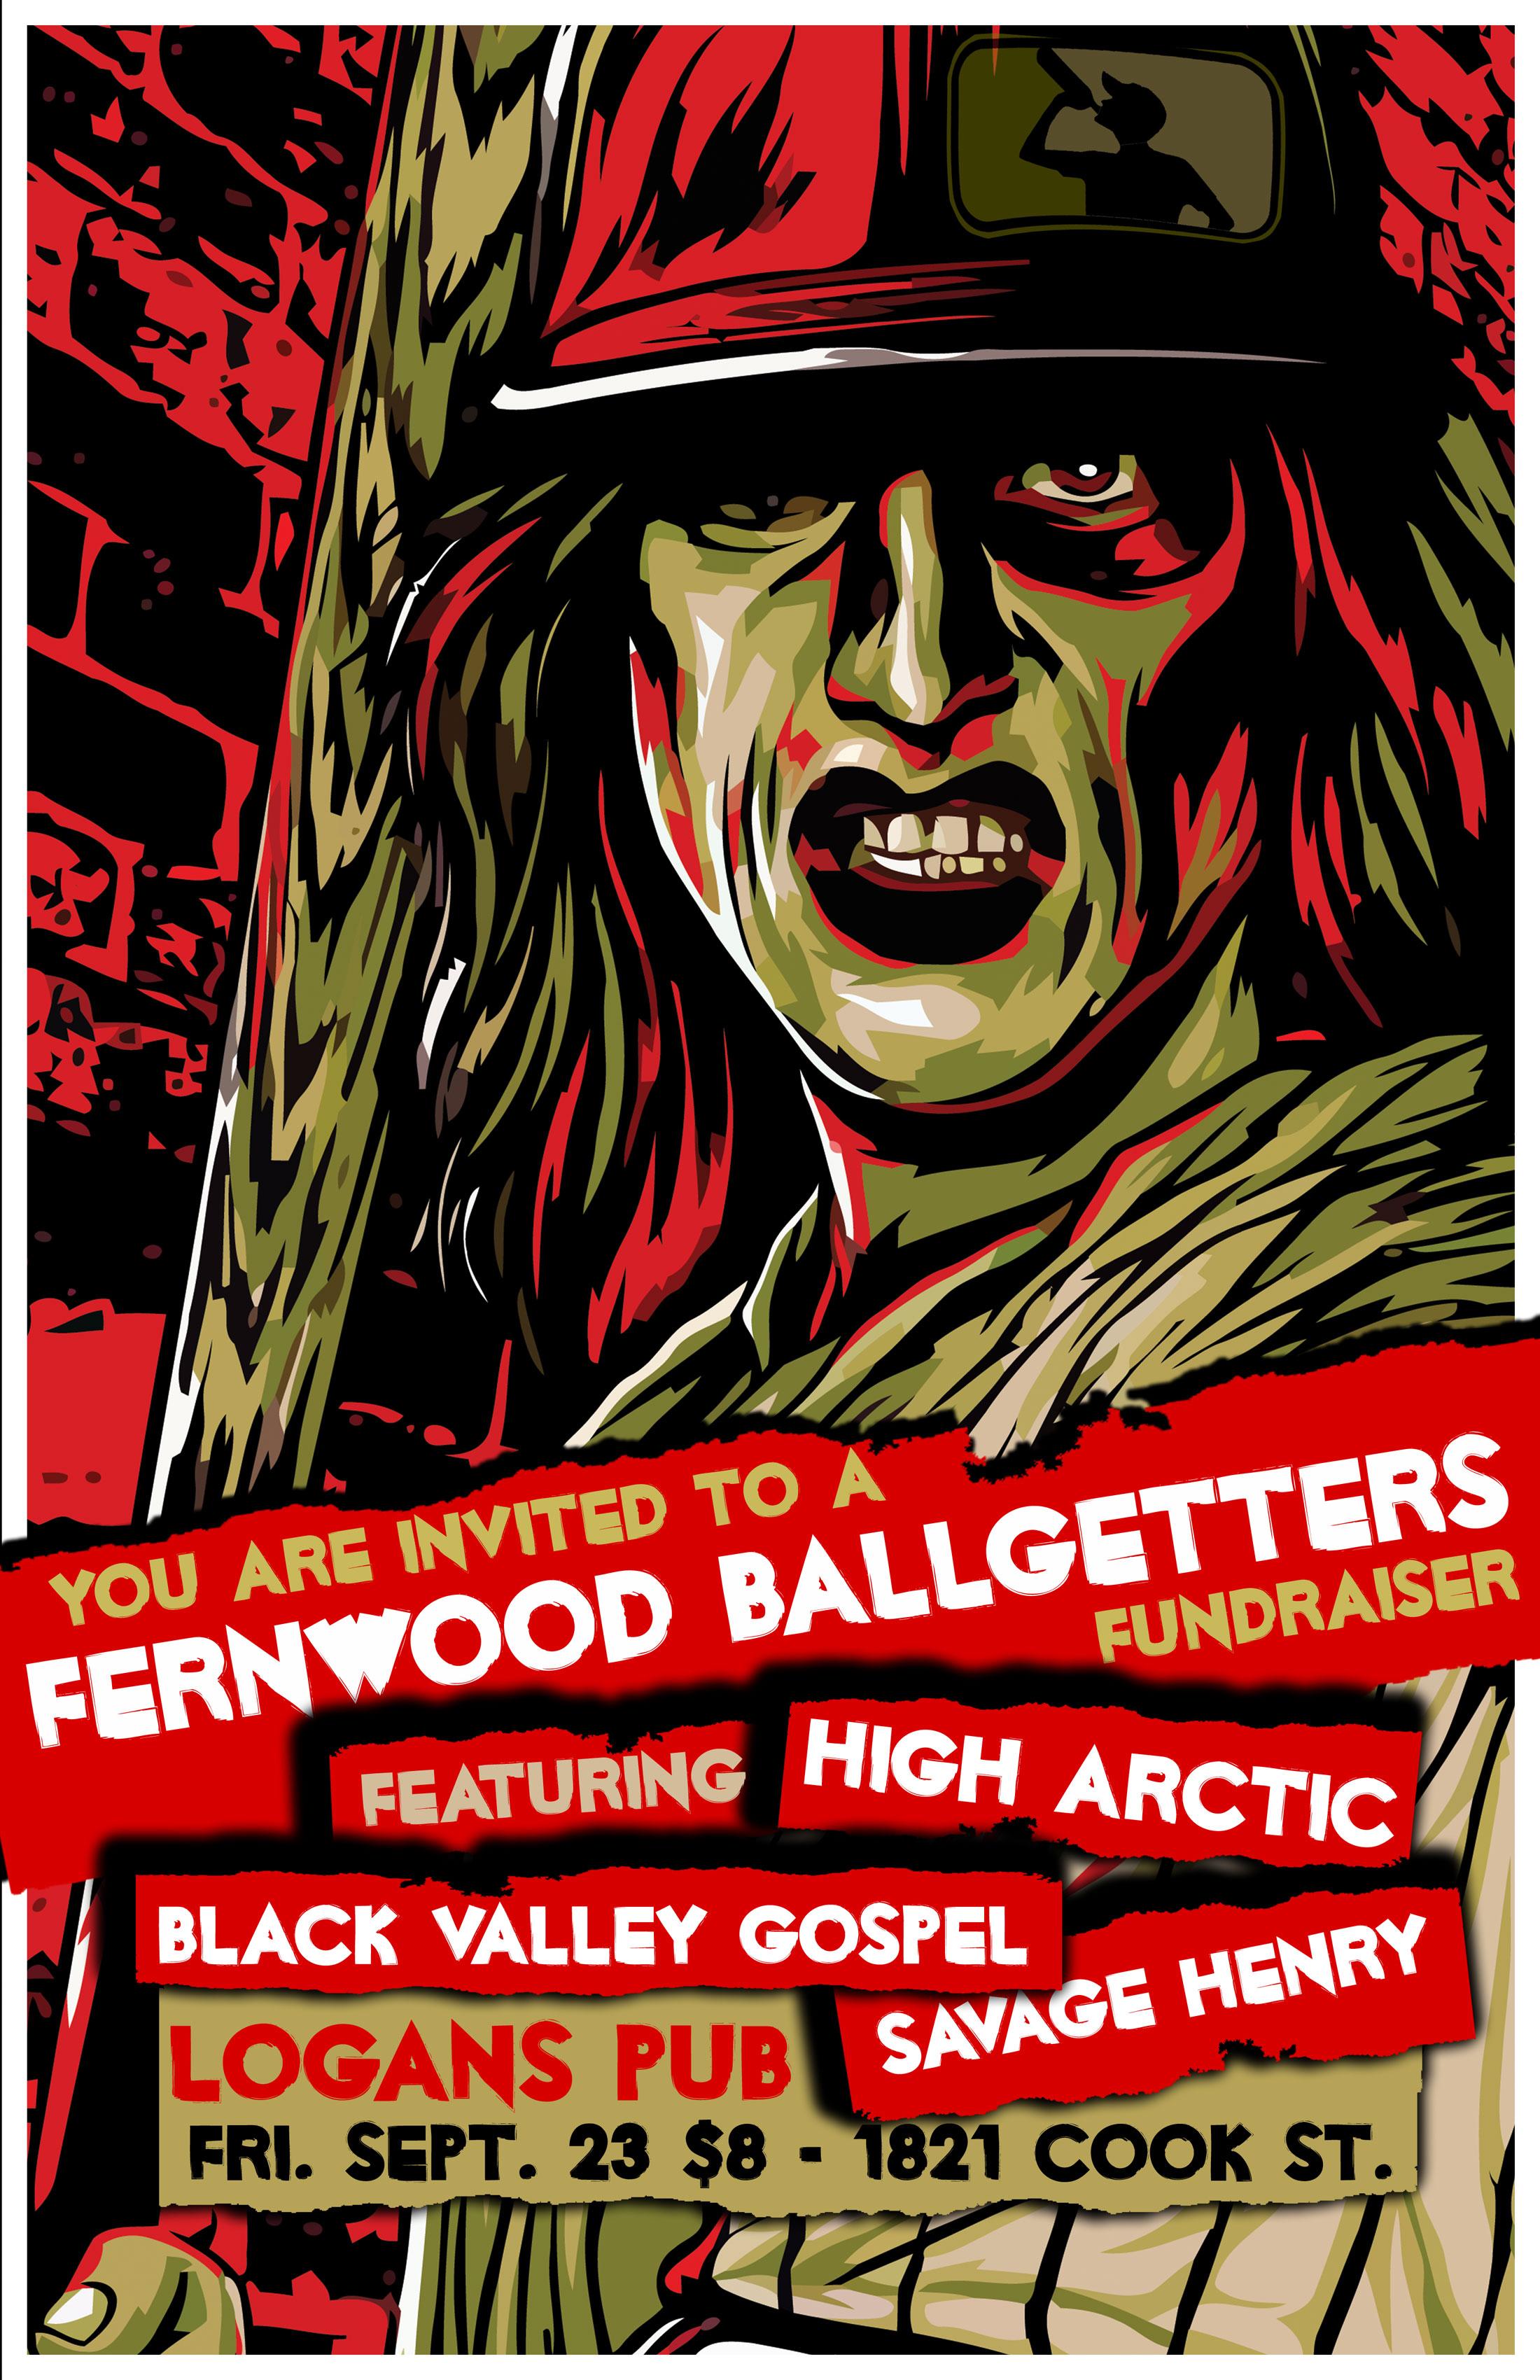 ballgetters_fundraiser.jpg